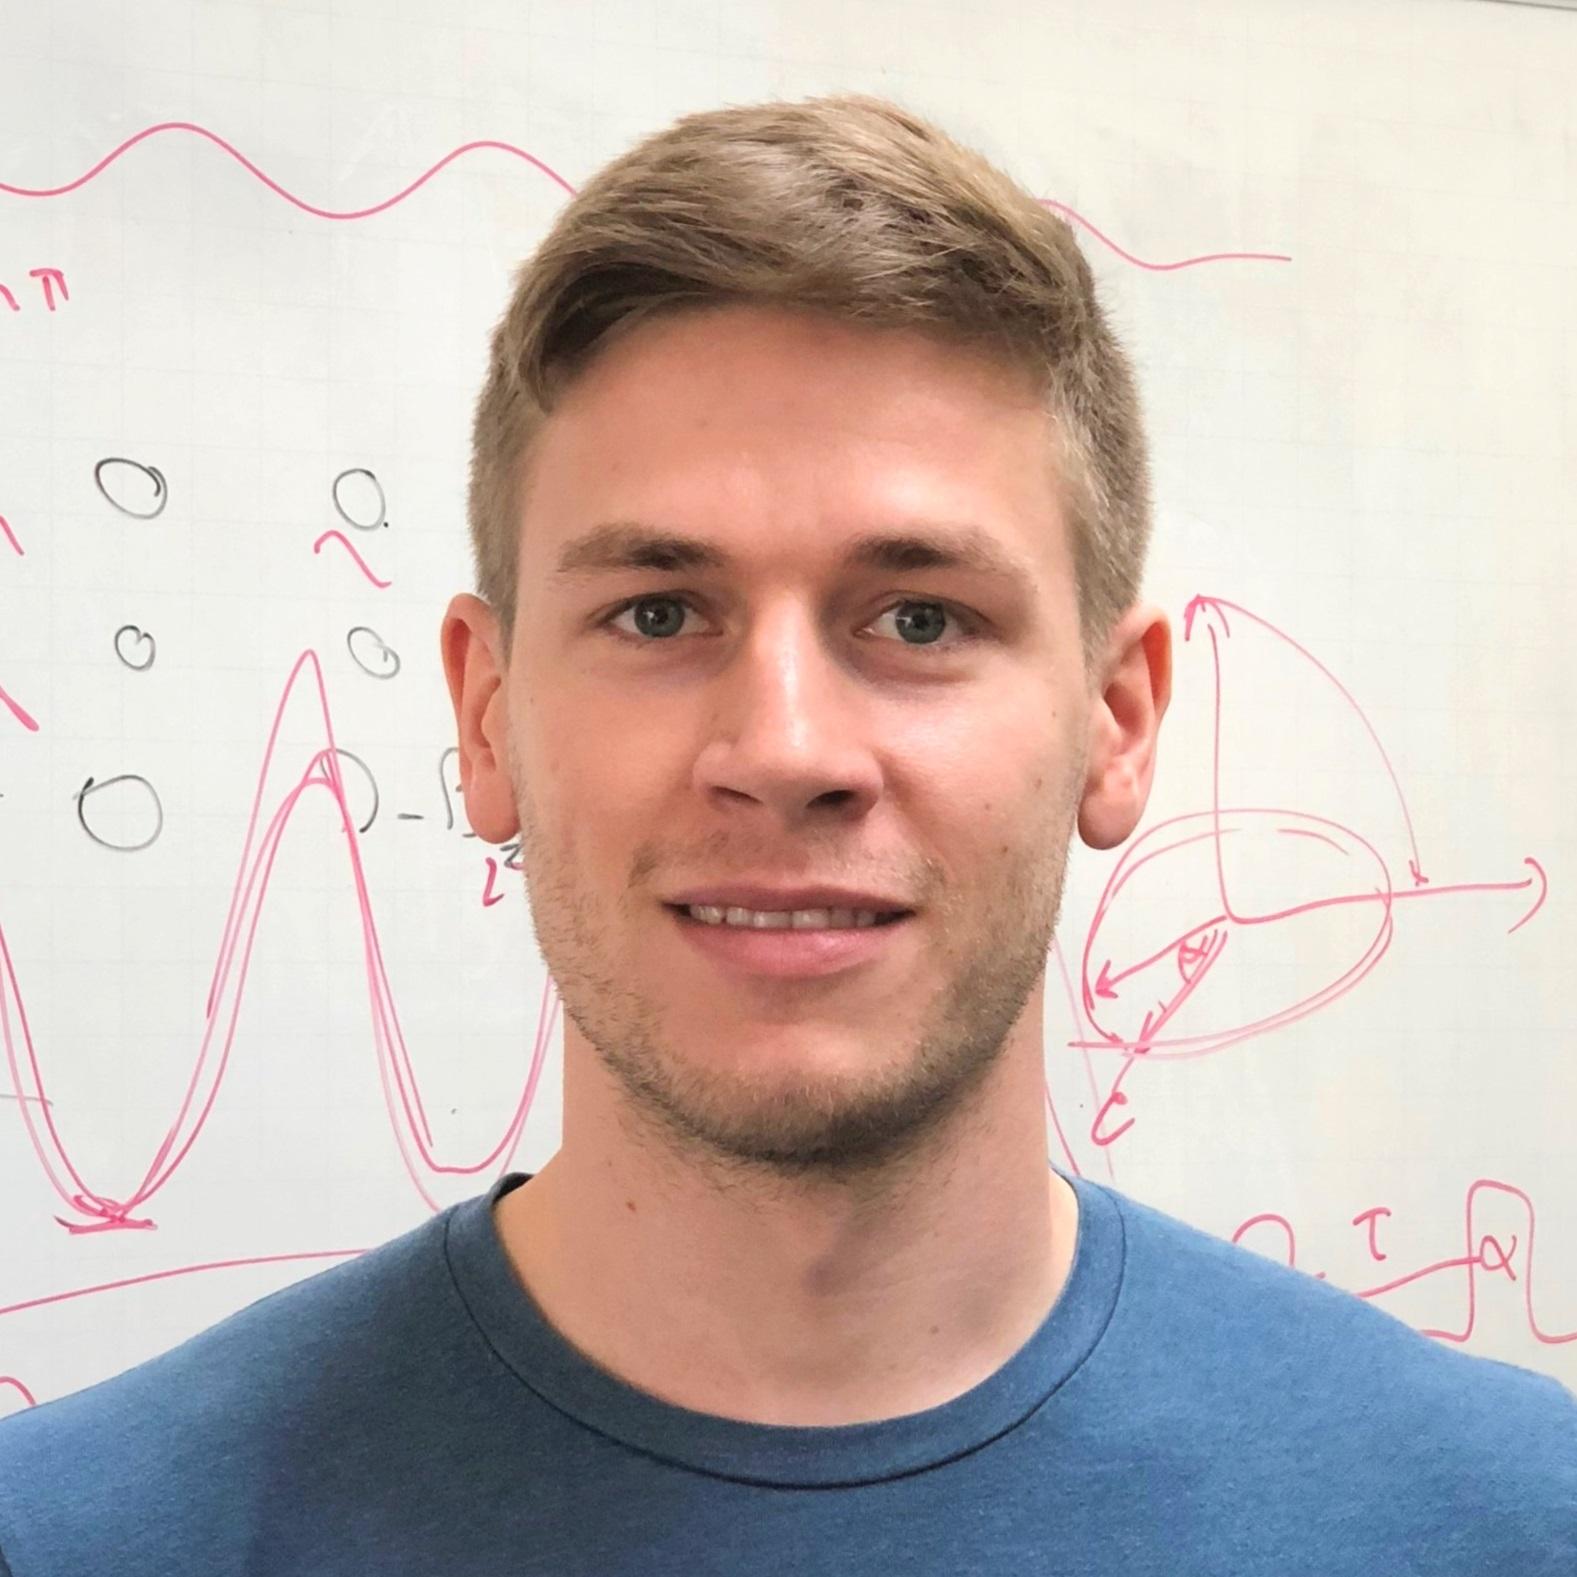 Michael Hoegen